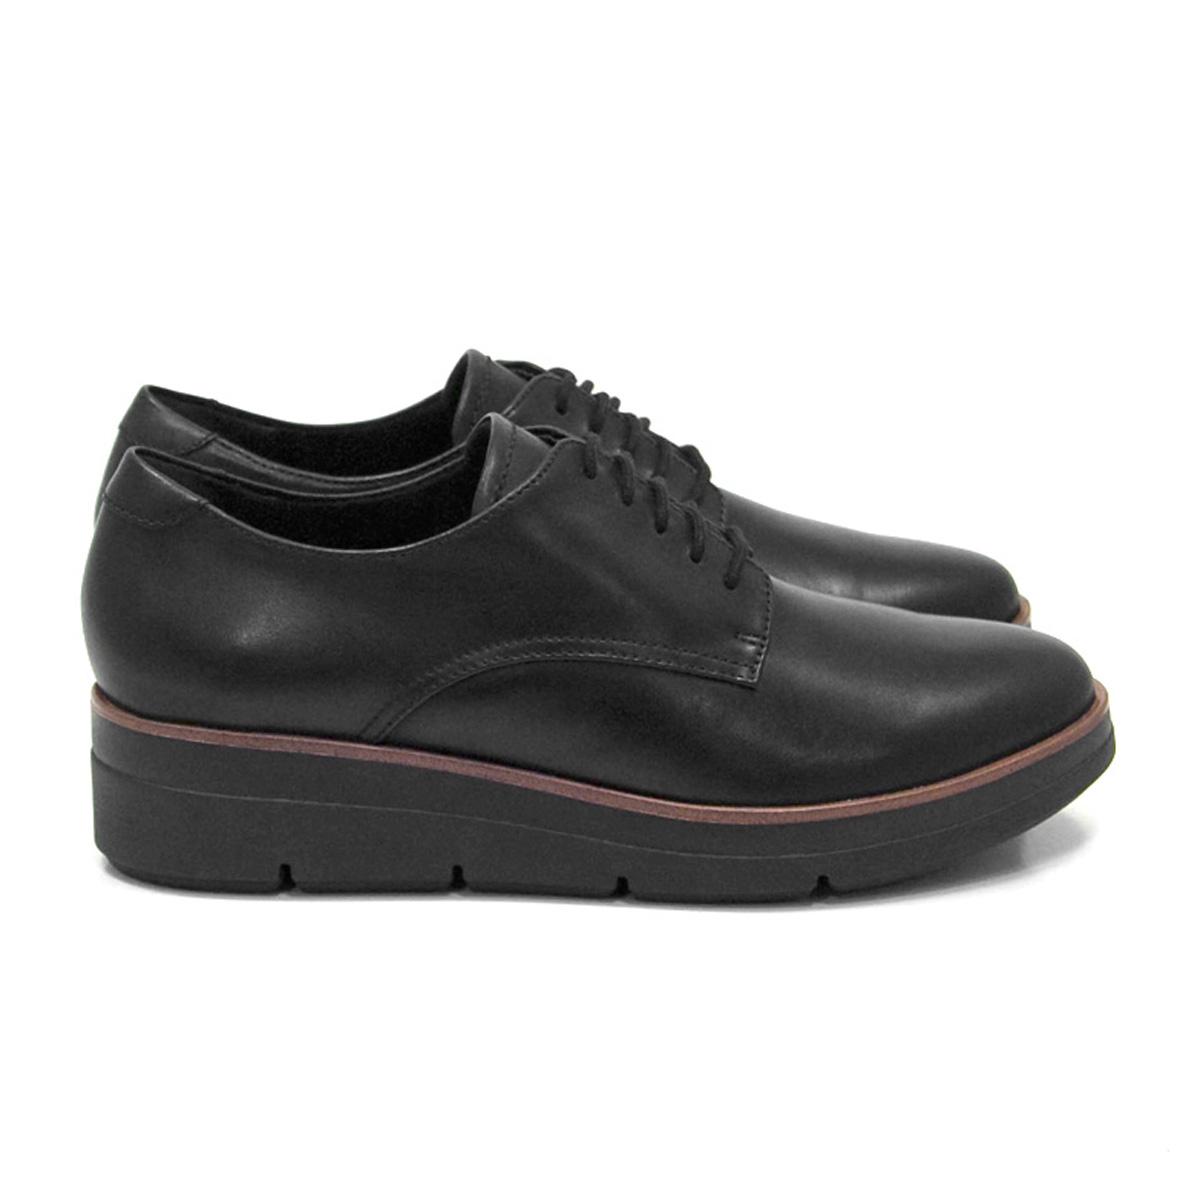 Γυναικείο παπούτσι CLARKS Shaylin Lace 26153593